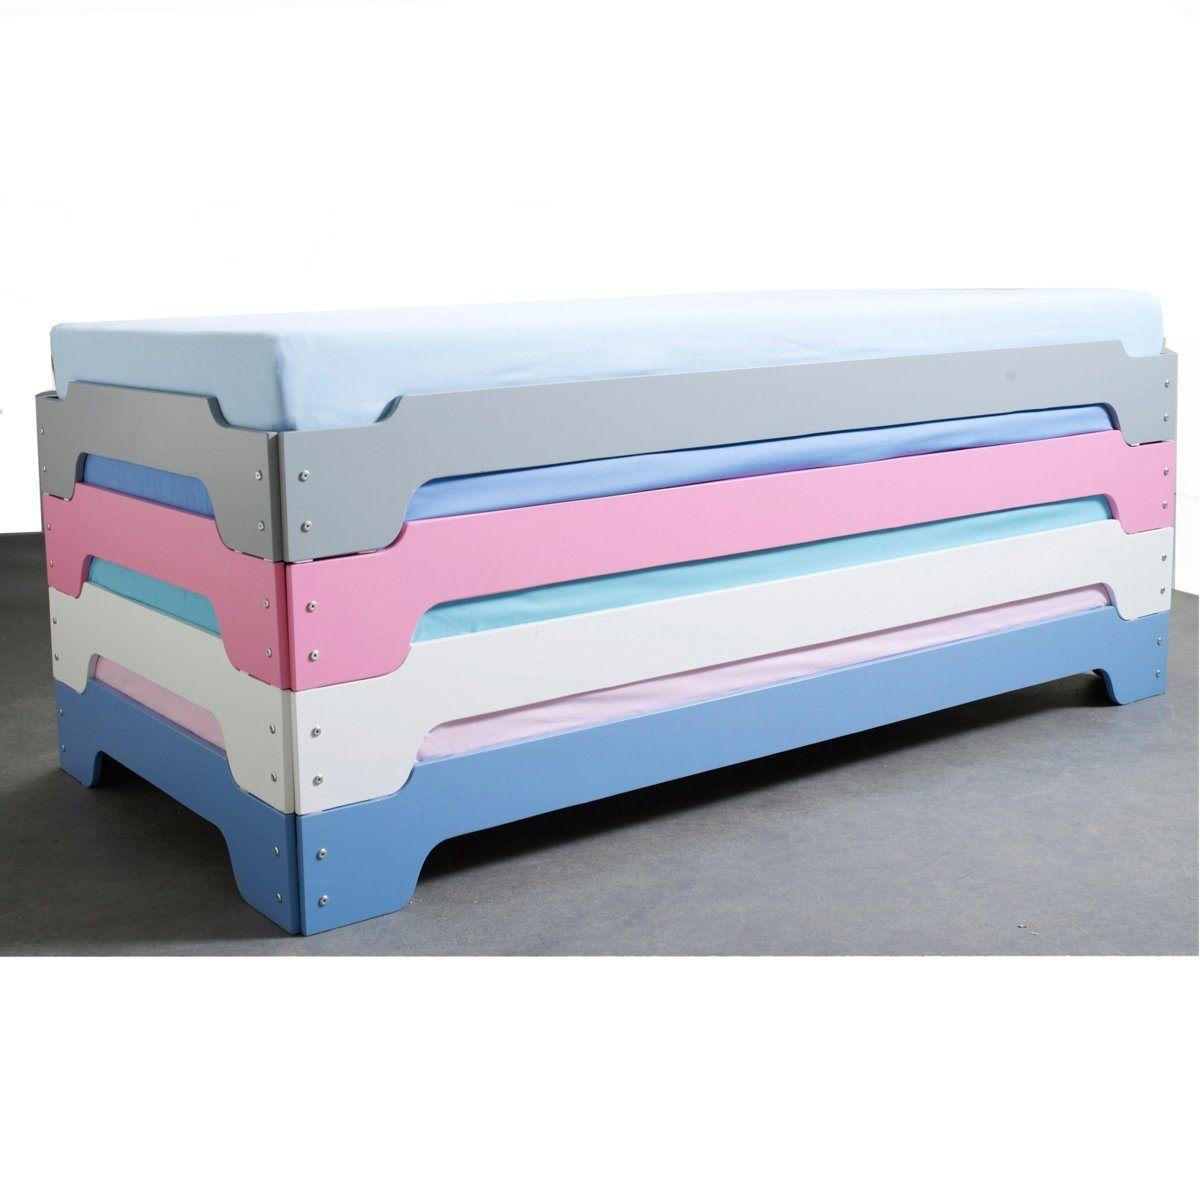 lit empilable et sommier egzigu autre diy and woodworks pinterest lit lit enfant and sommier. Black Bedroom Furniture Sets. Home Design Ideas